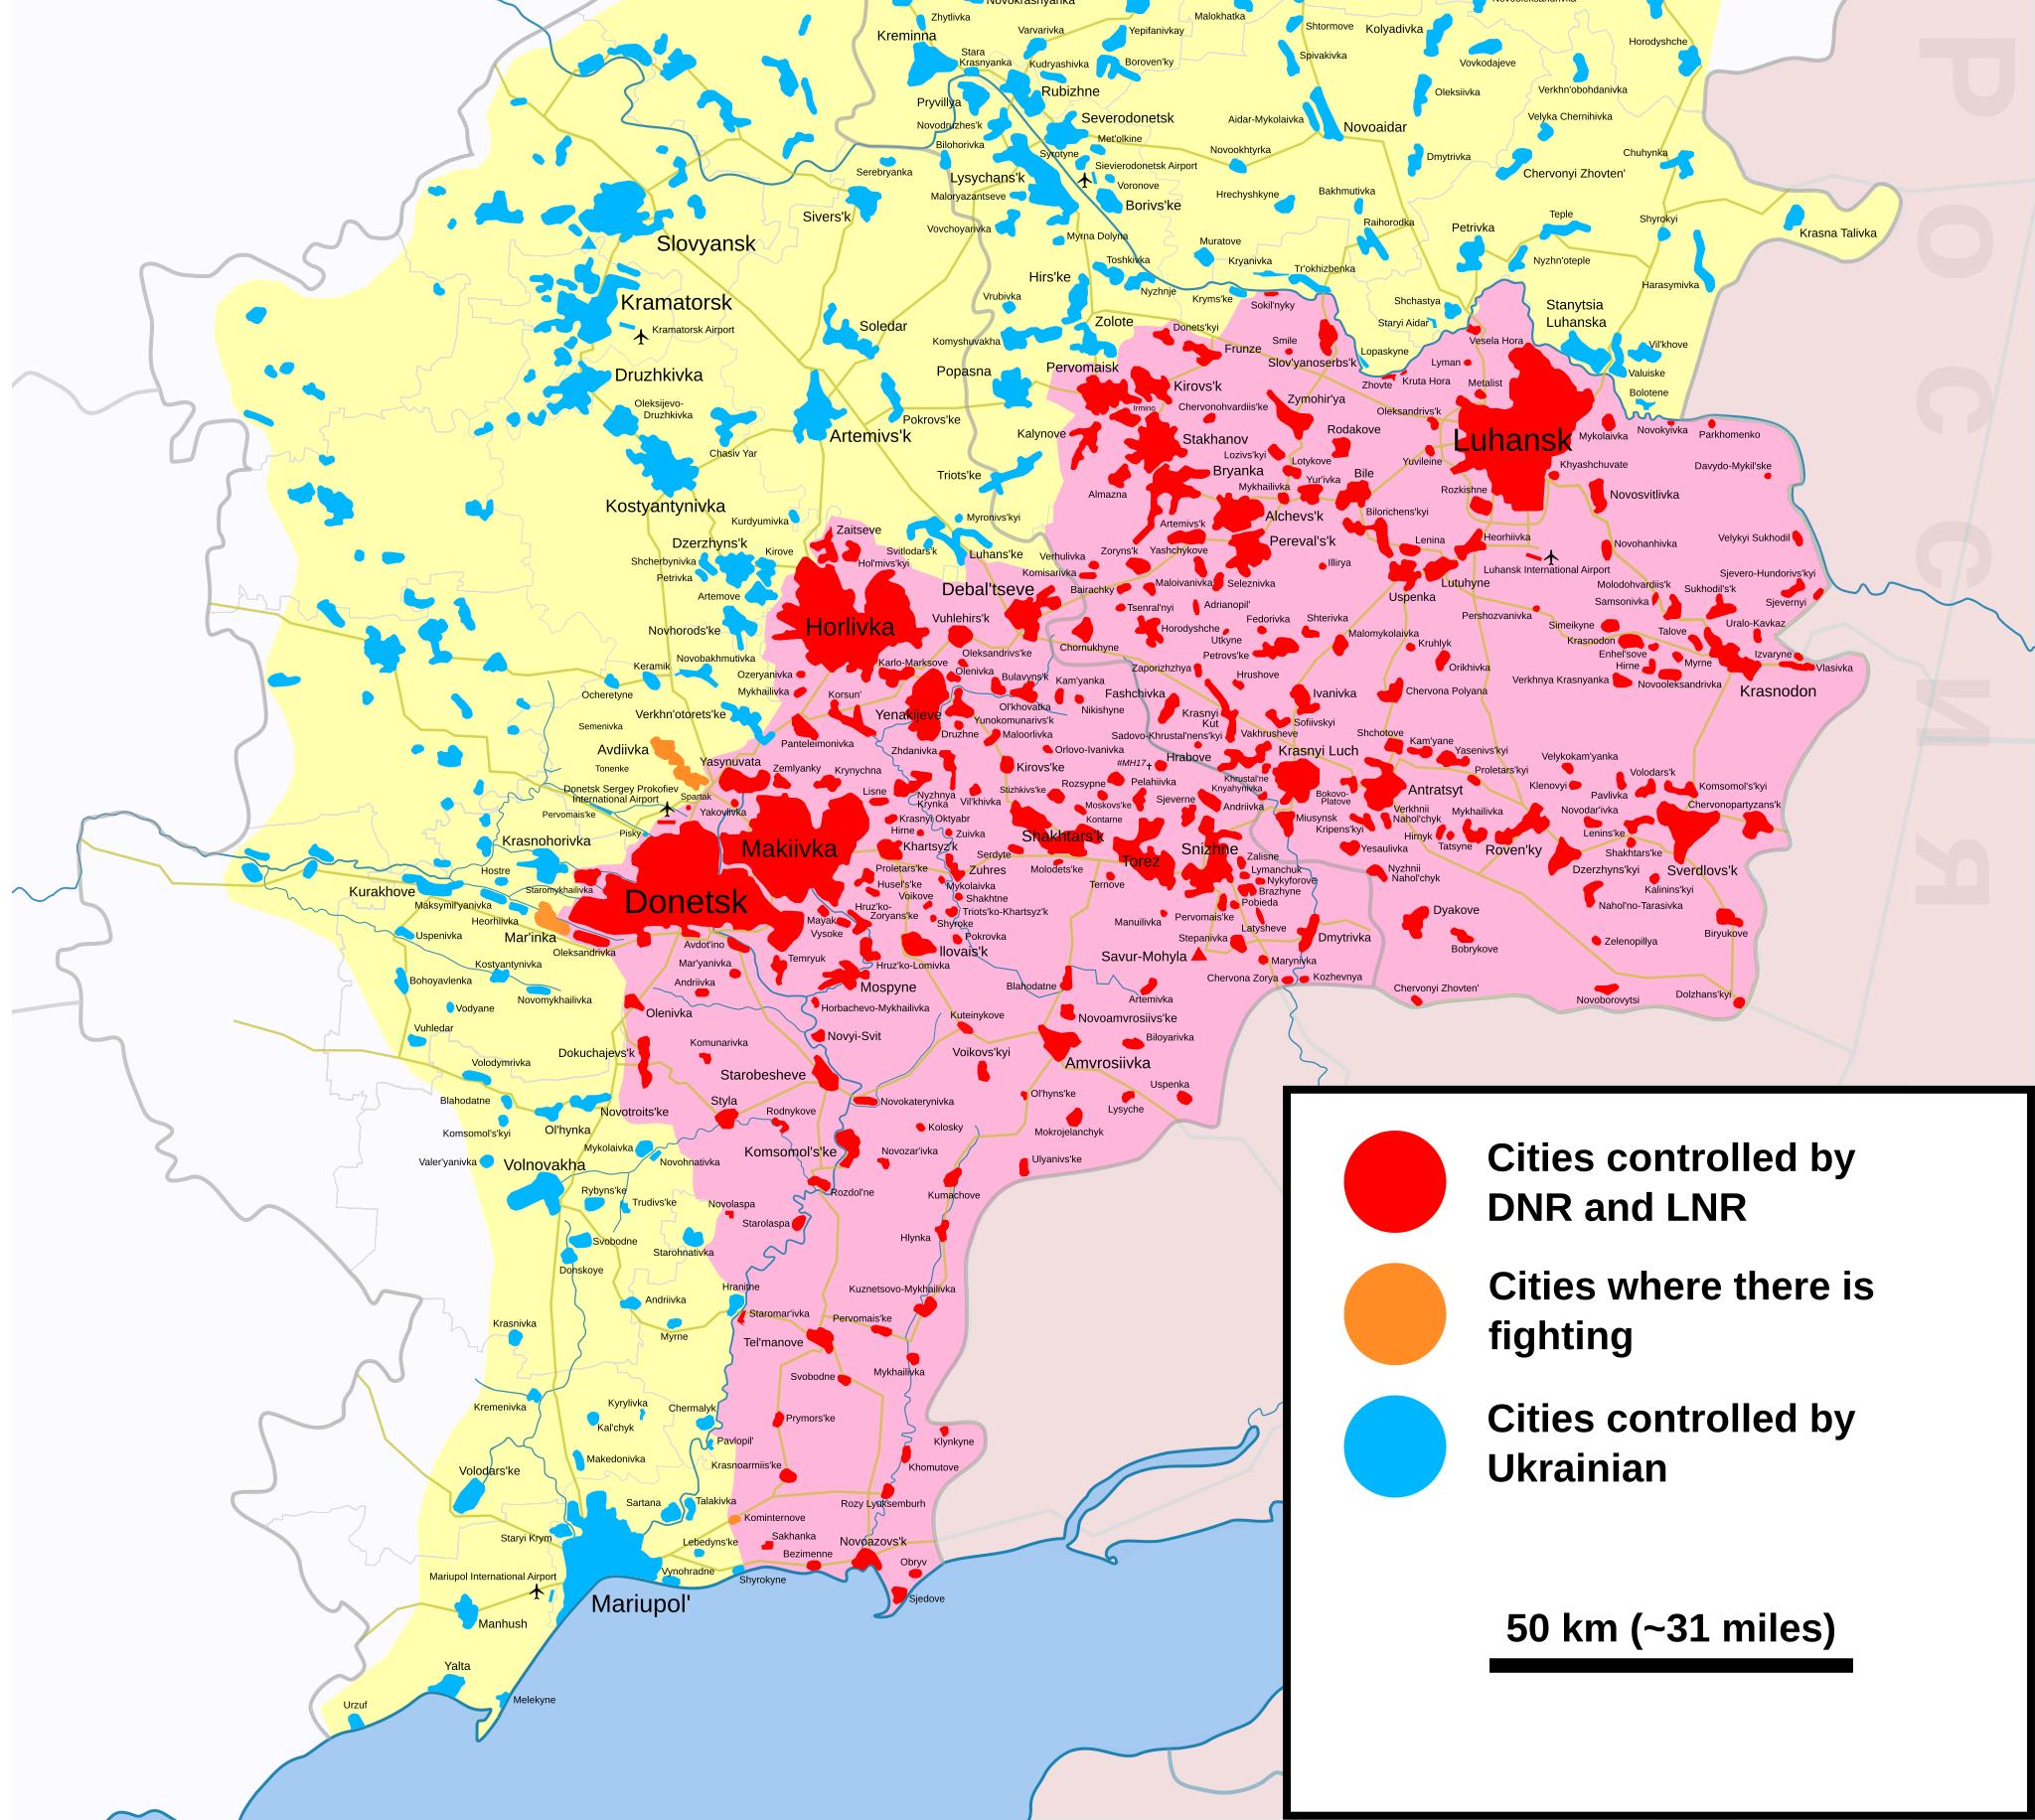 Esta será la última prueba para ellos: en la RPD, han sido advertidas las fuerzas punitivas de las Fuerzas Armadas de Ucrania